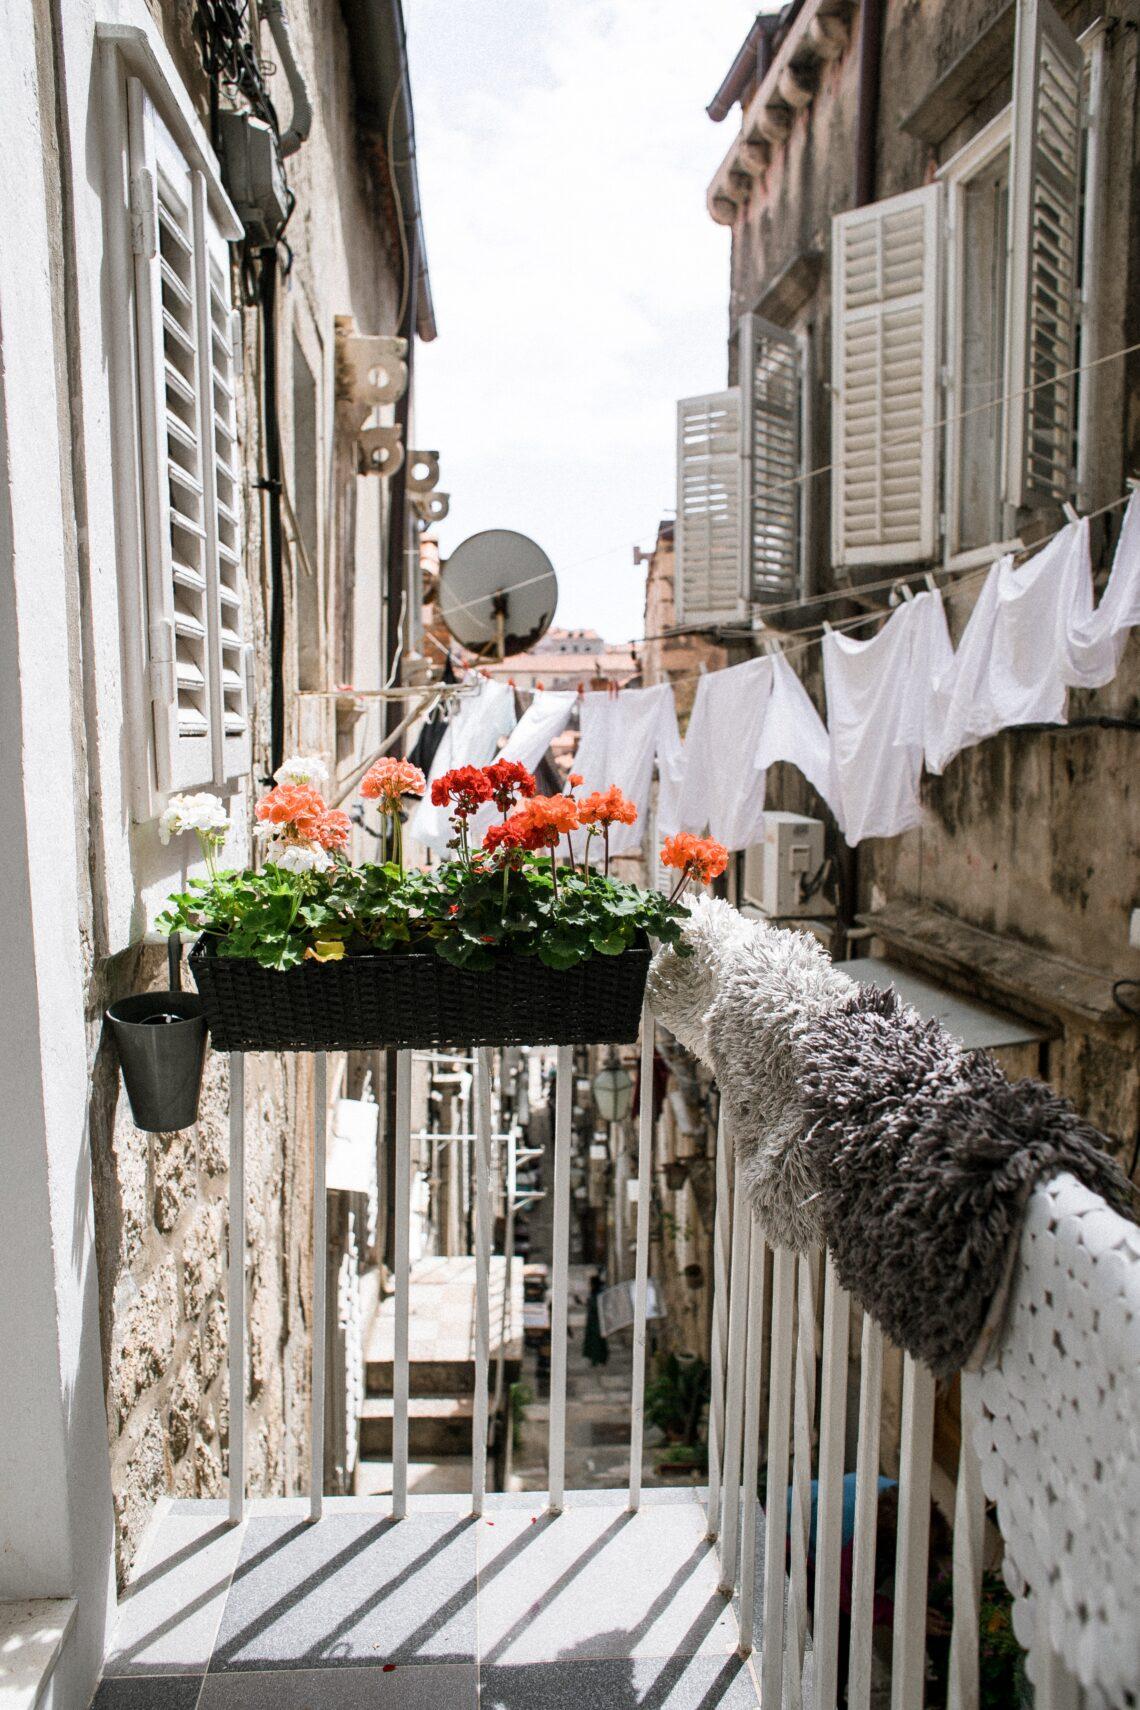 Balkona Çamaşır Asmak Yasaklandı mı?